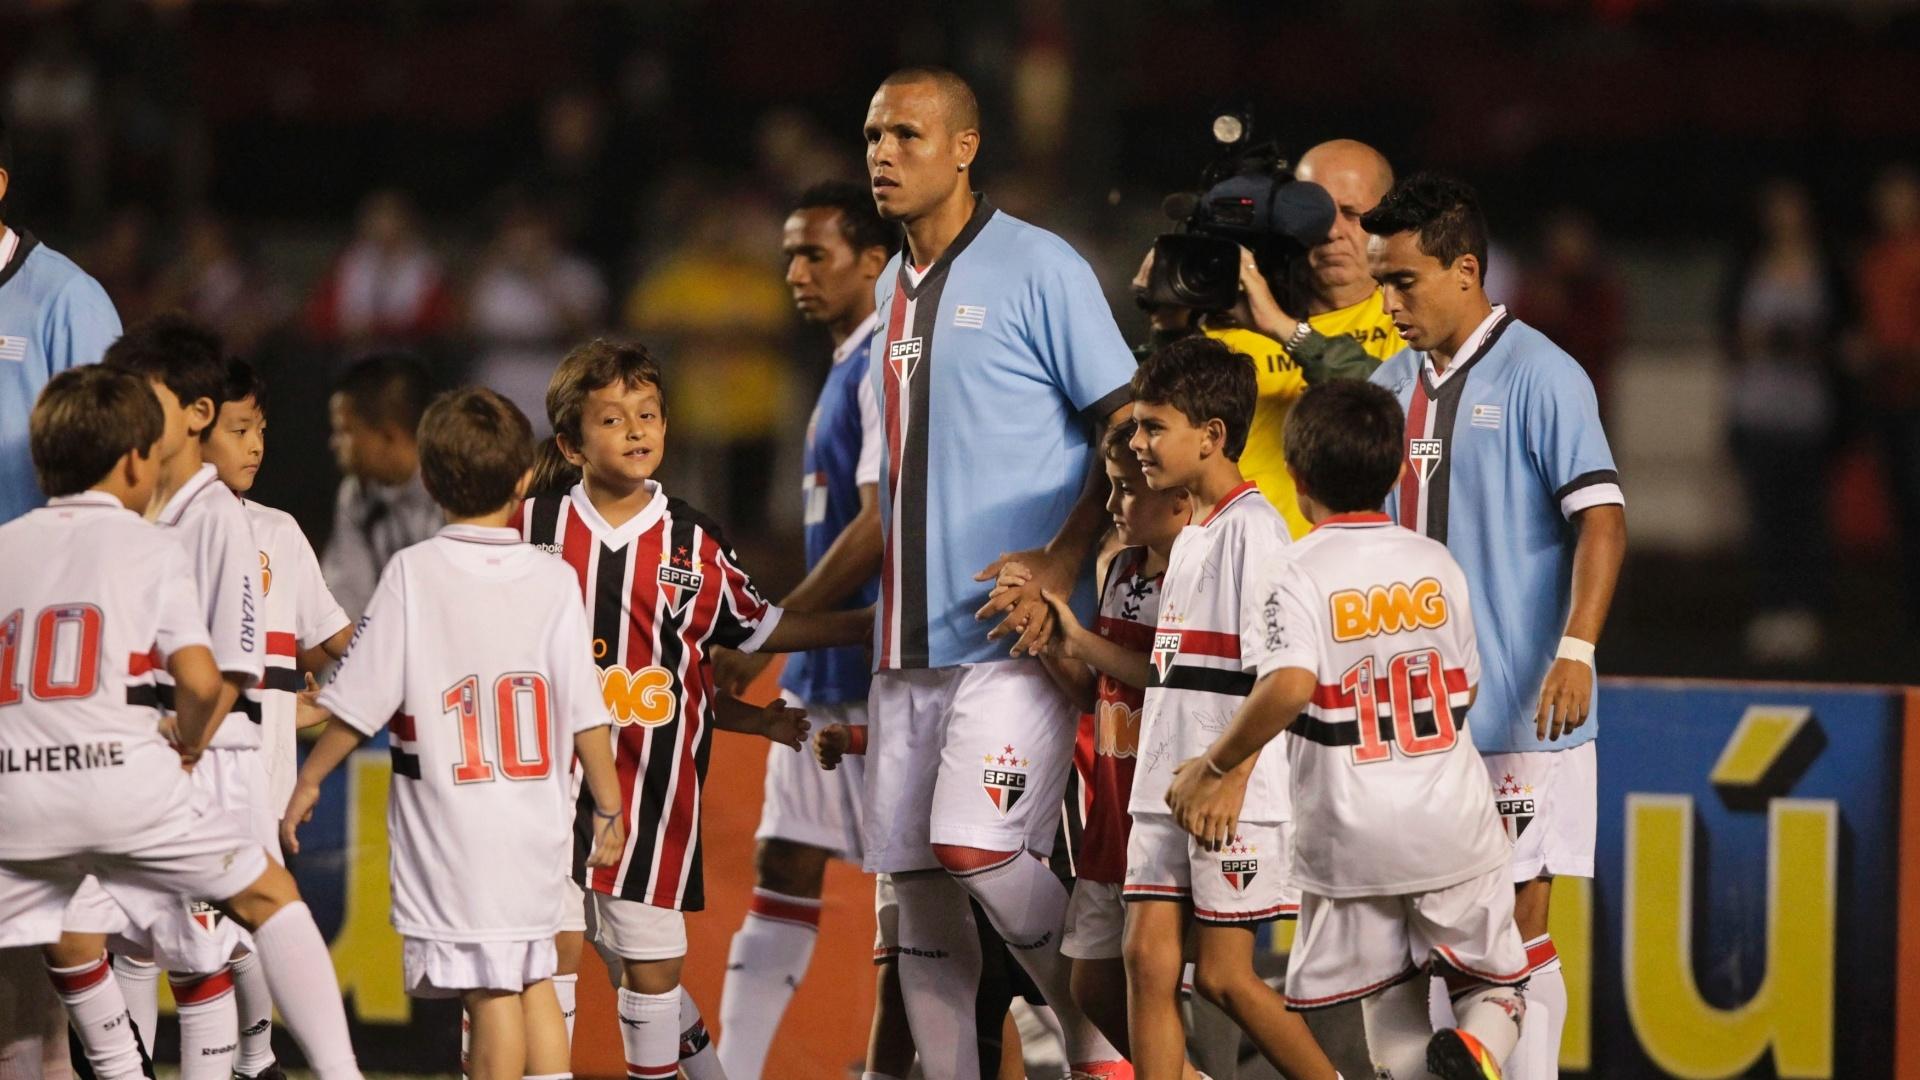 Atacante Luis Fabiano entra em campo no Morumbi para a partida contra a Portuguesa pela 25ª rodada do Brasileiro